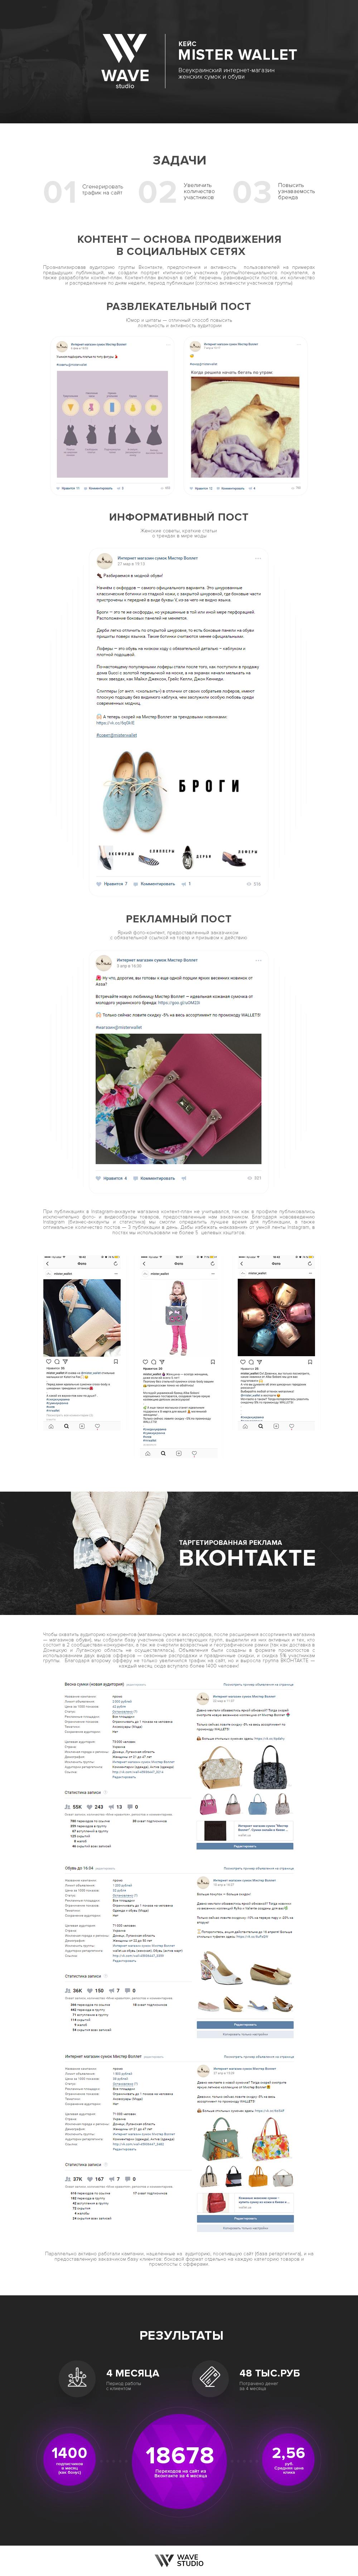 Mr Wallet| Продвижение интернет-магазина женских аксессуаров Вконтакте